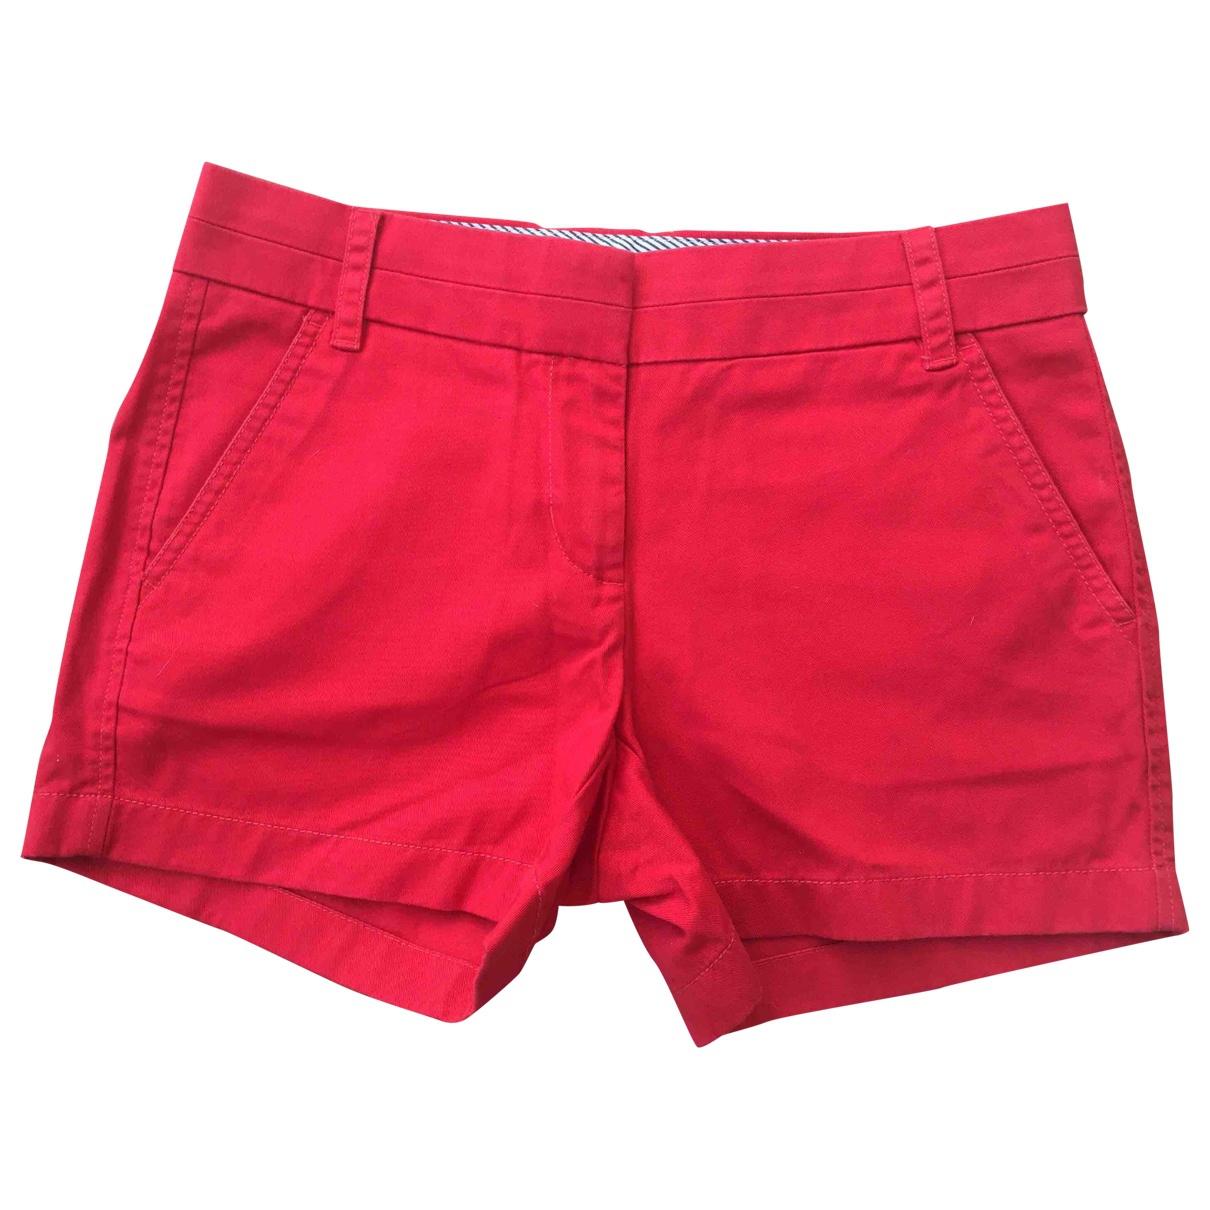 J.crew - Short   pour femme en coton - rouge